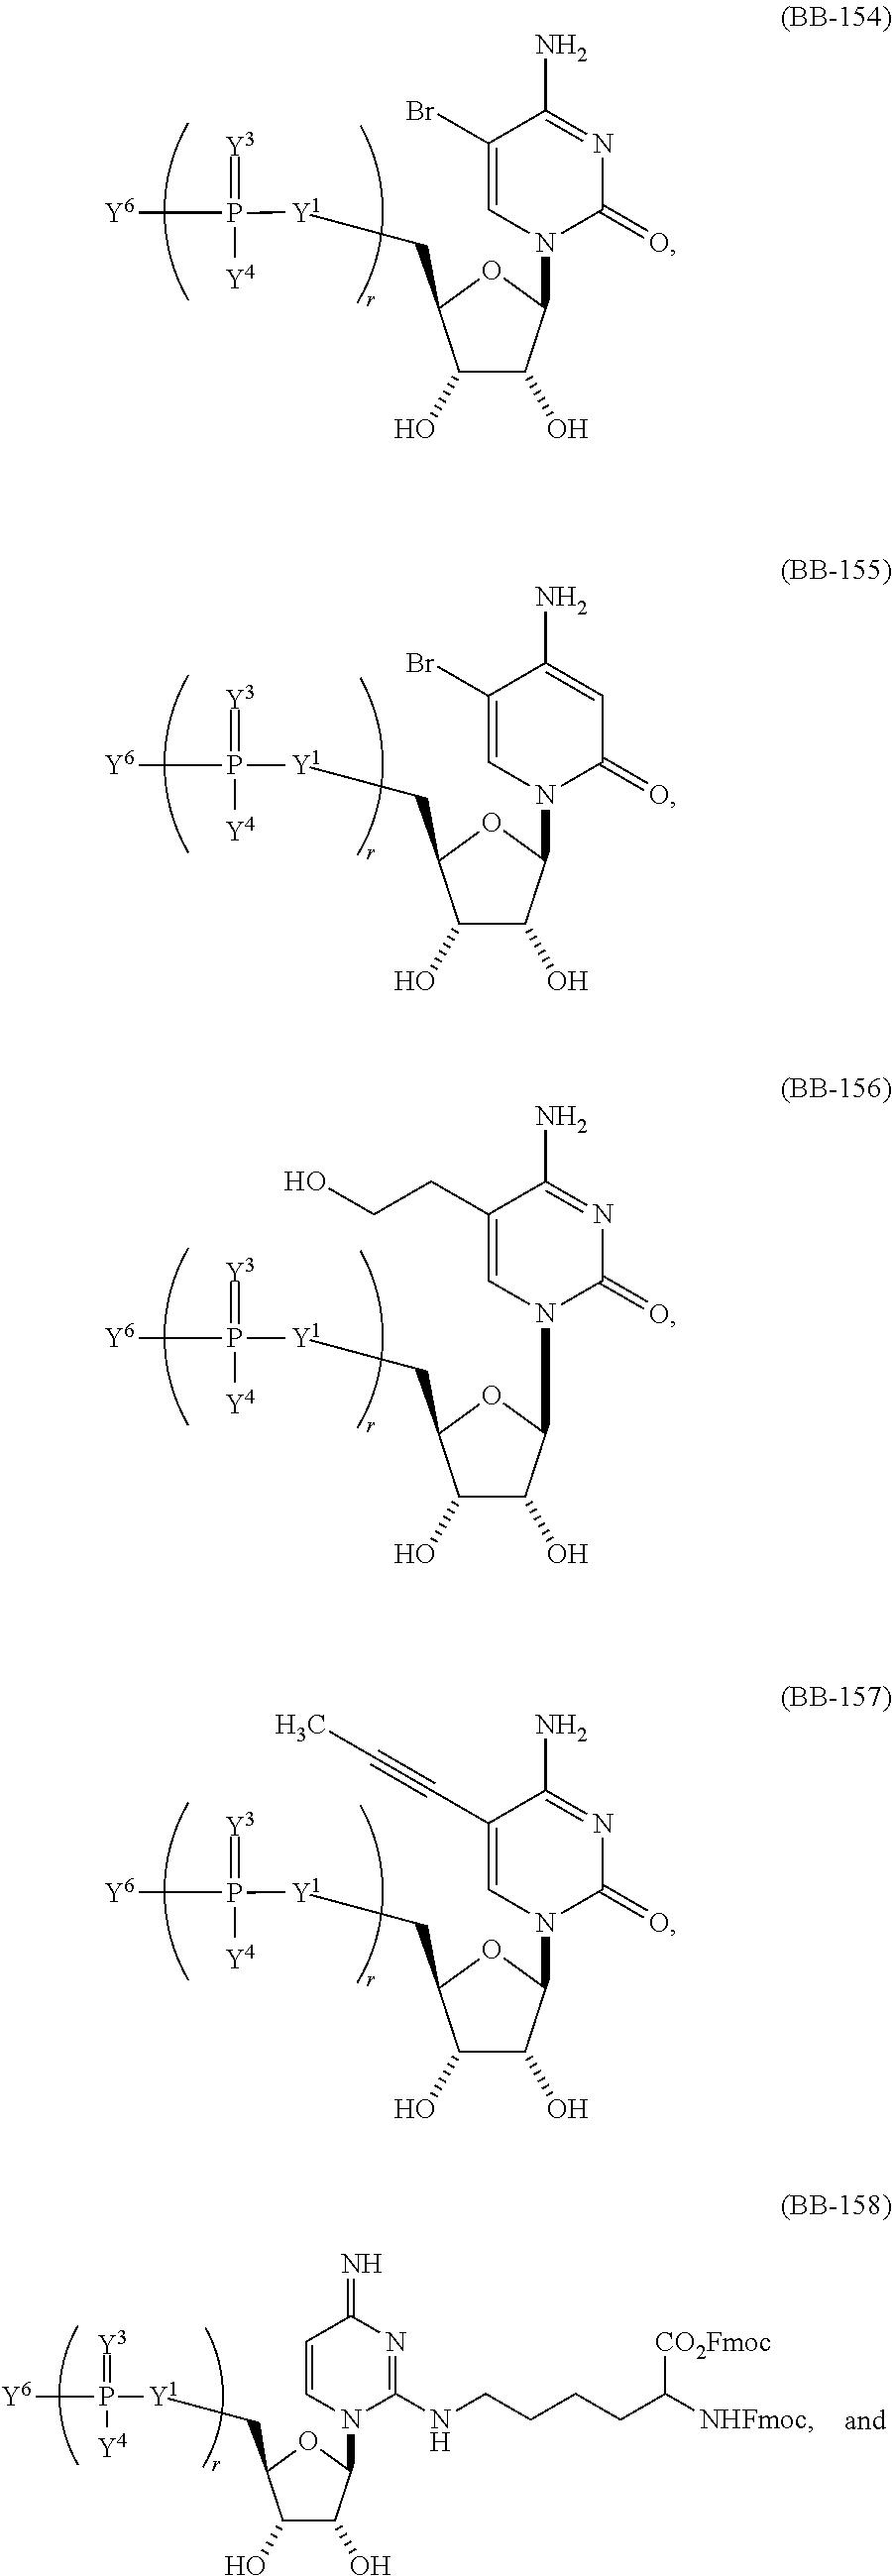 Figure US20160114011A1 20160428 C00065